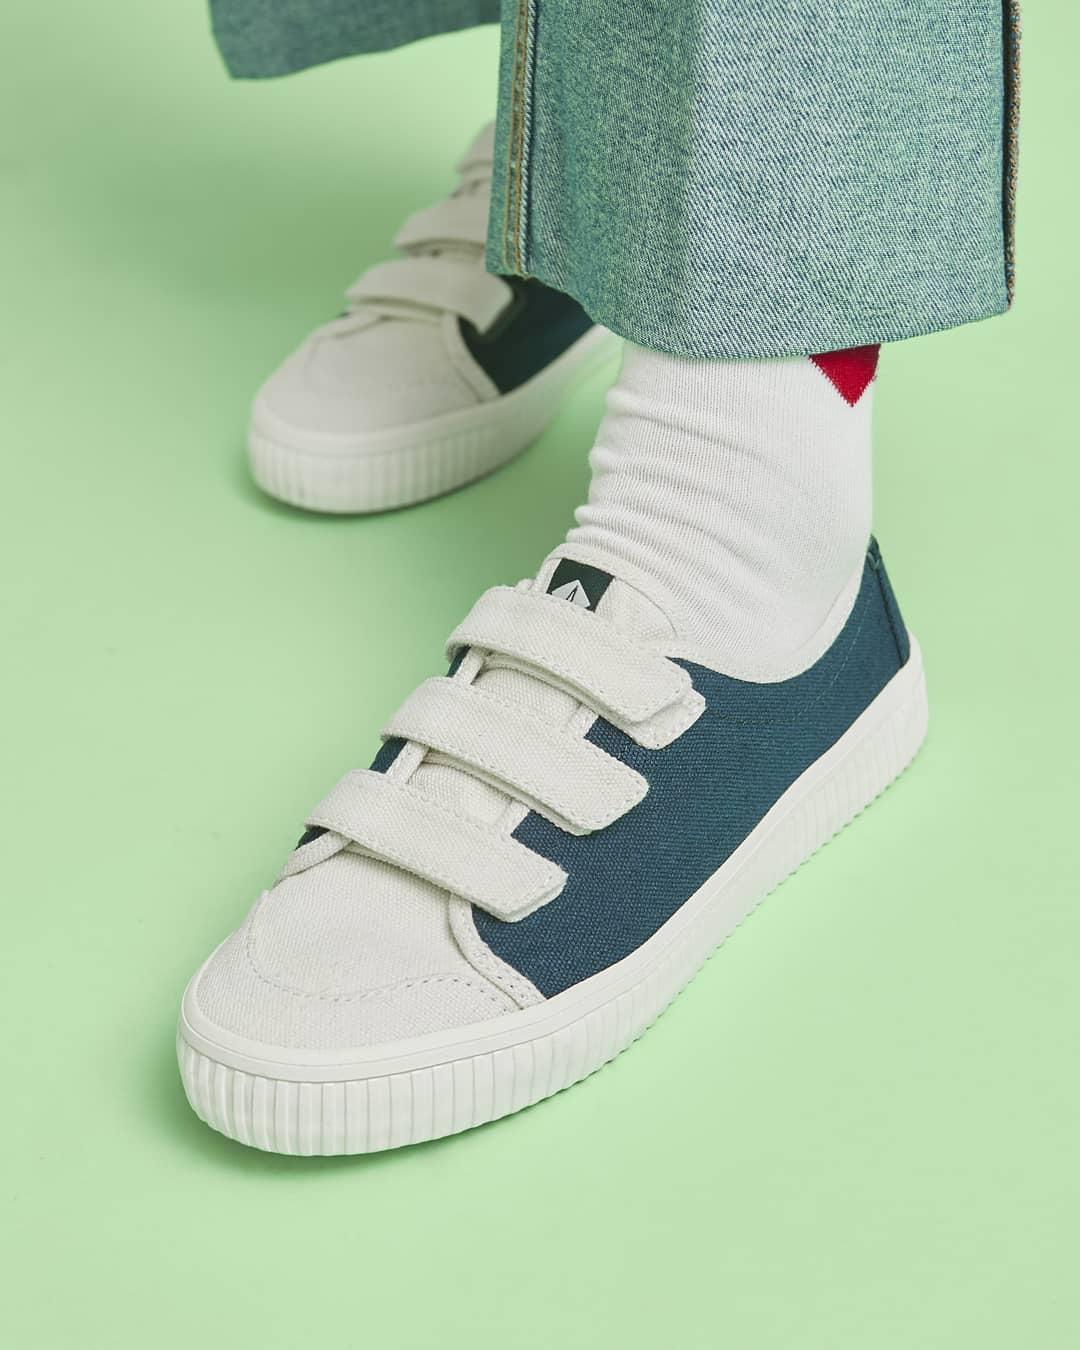 像是這款利用特殊的材質和配色做搭配,可是潮流人士私下的愛好呢~利用棉麻面料結合可愛的藍色,充滿海軍風格,只要配上白T和牛仔褲就可以駕馭啦!